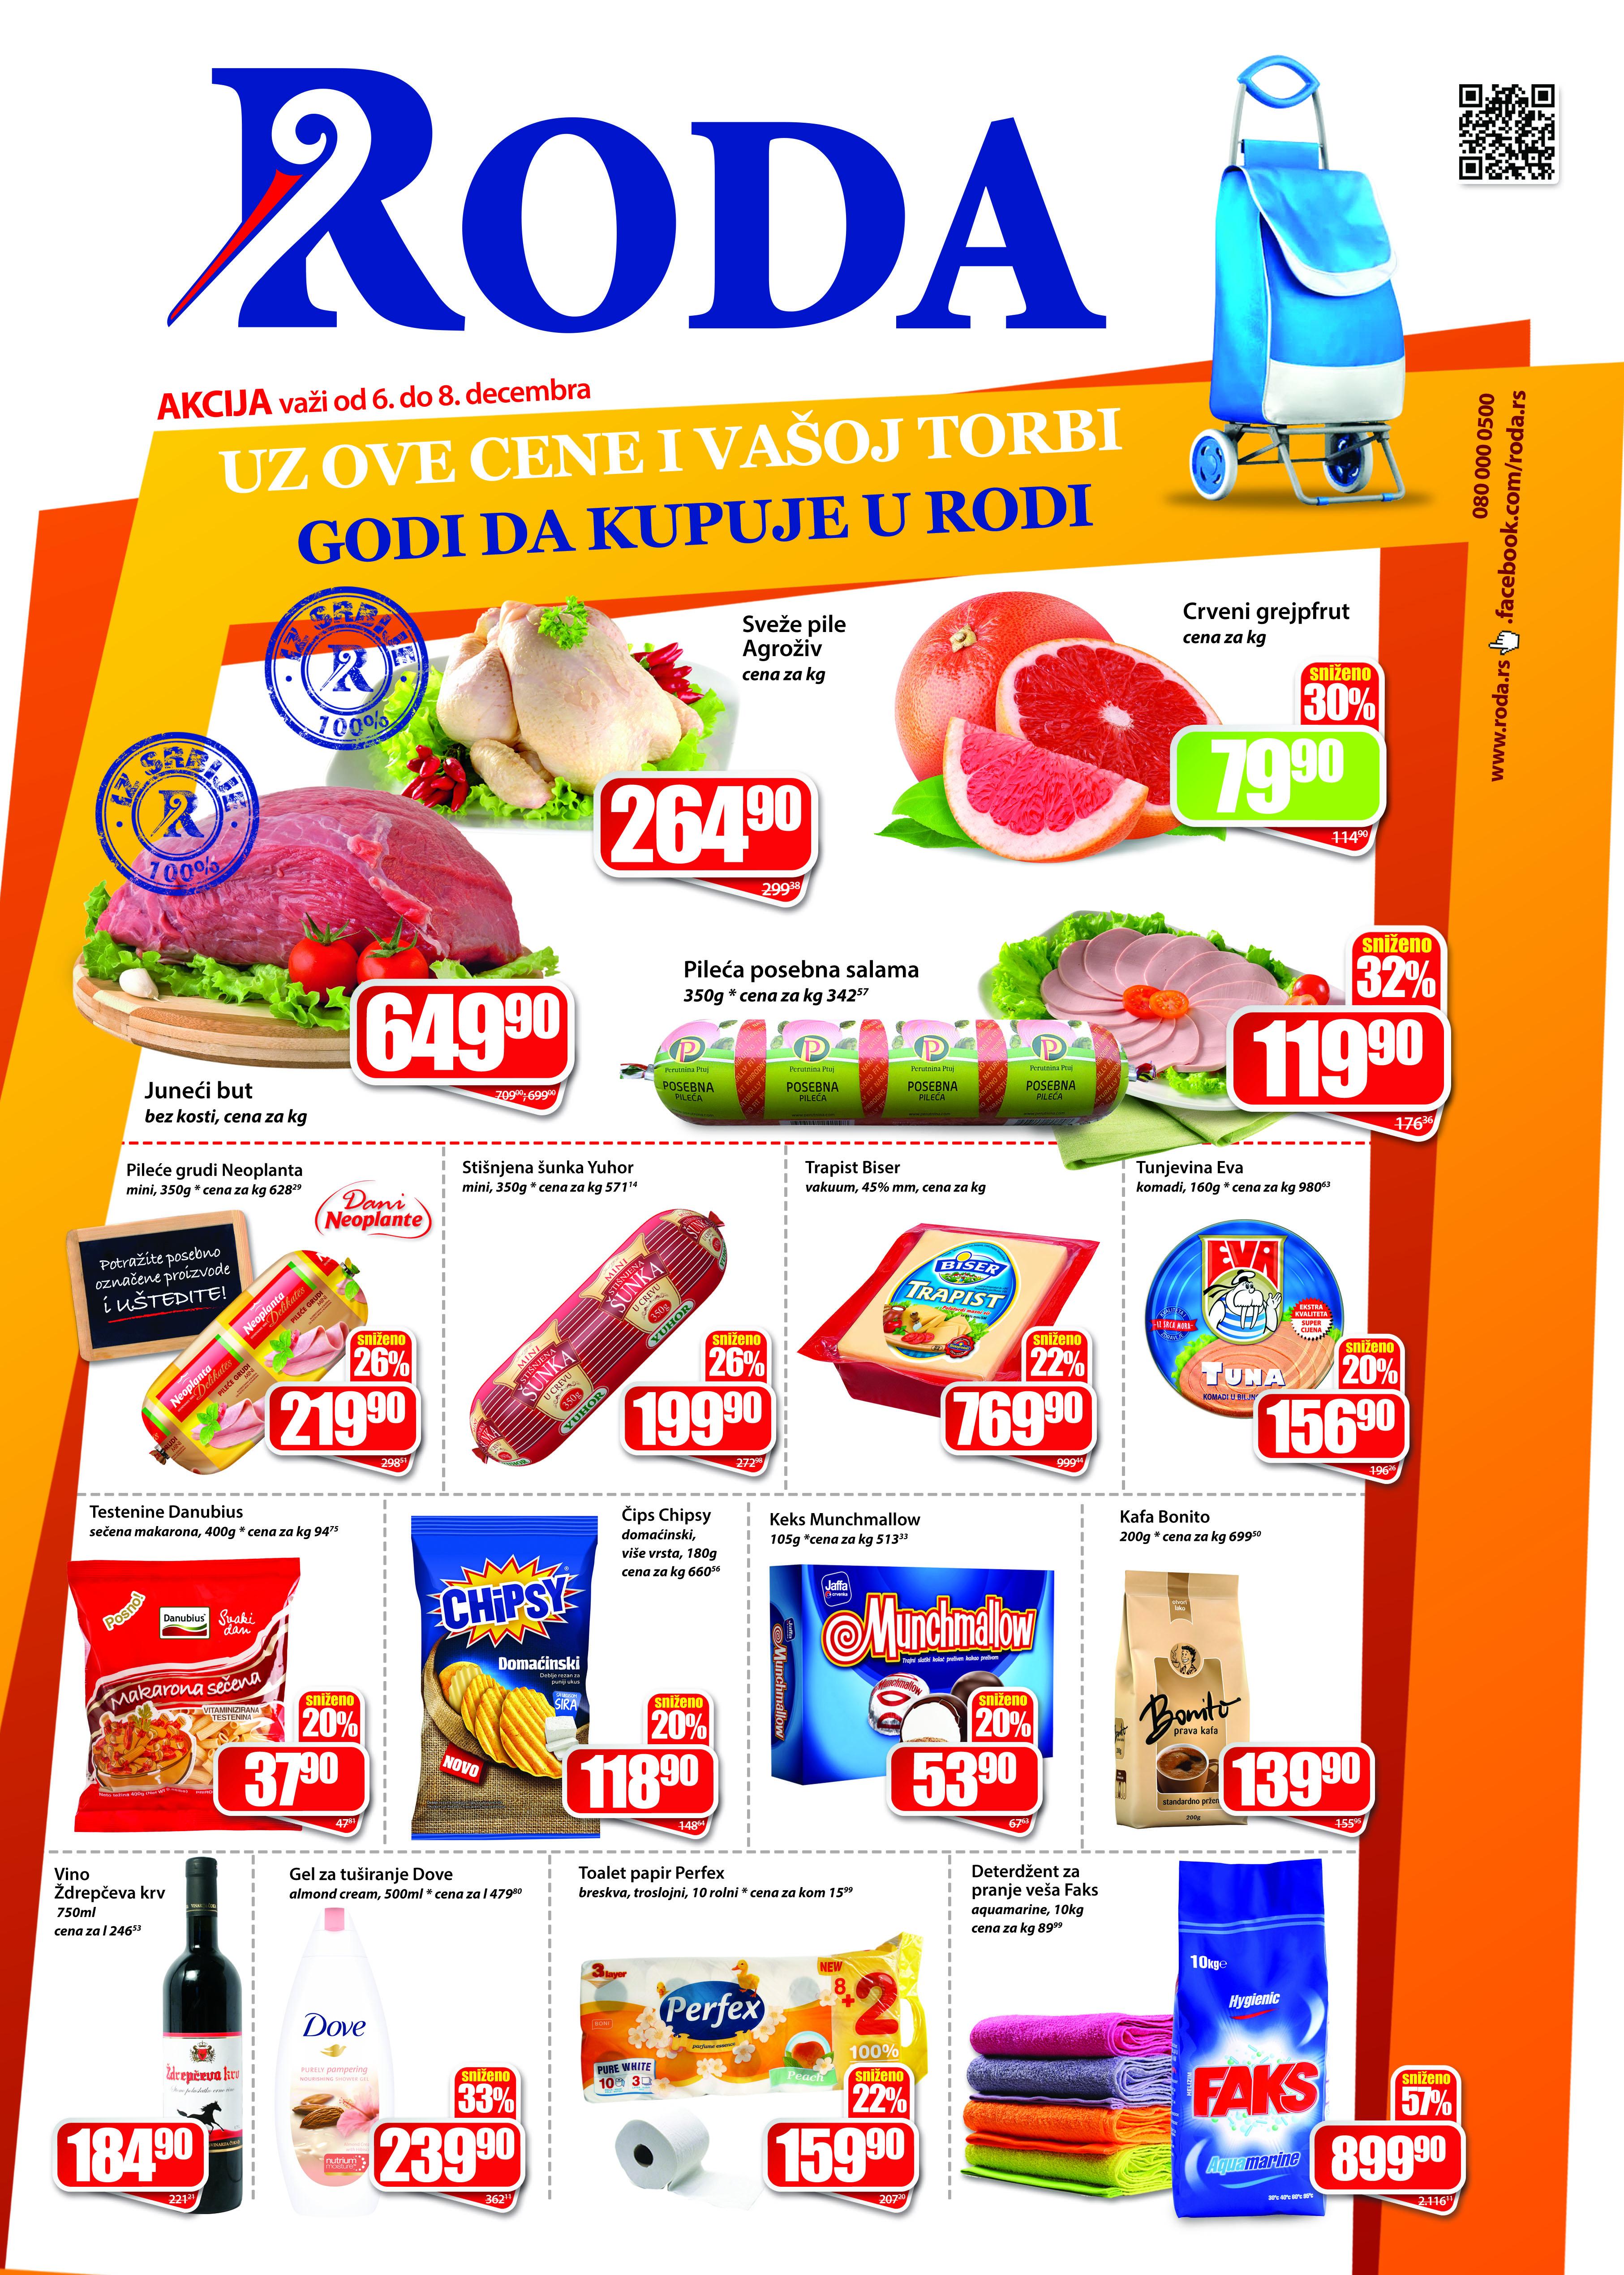 Roda katalog vikend super kupovine počinje